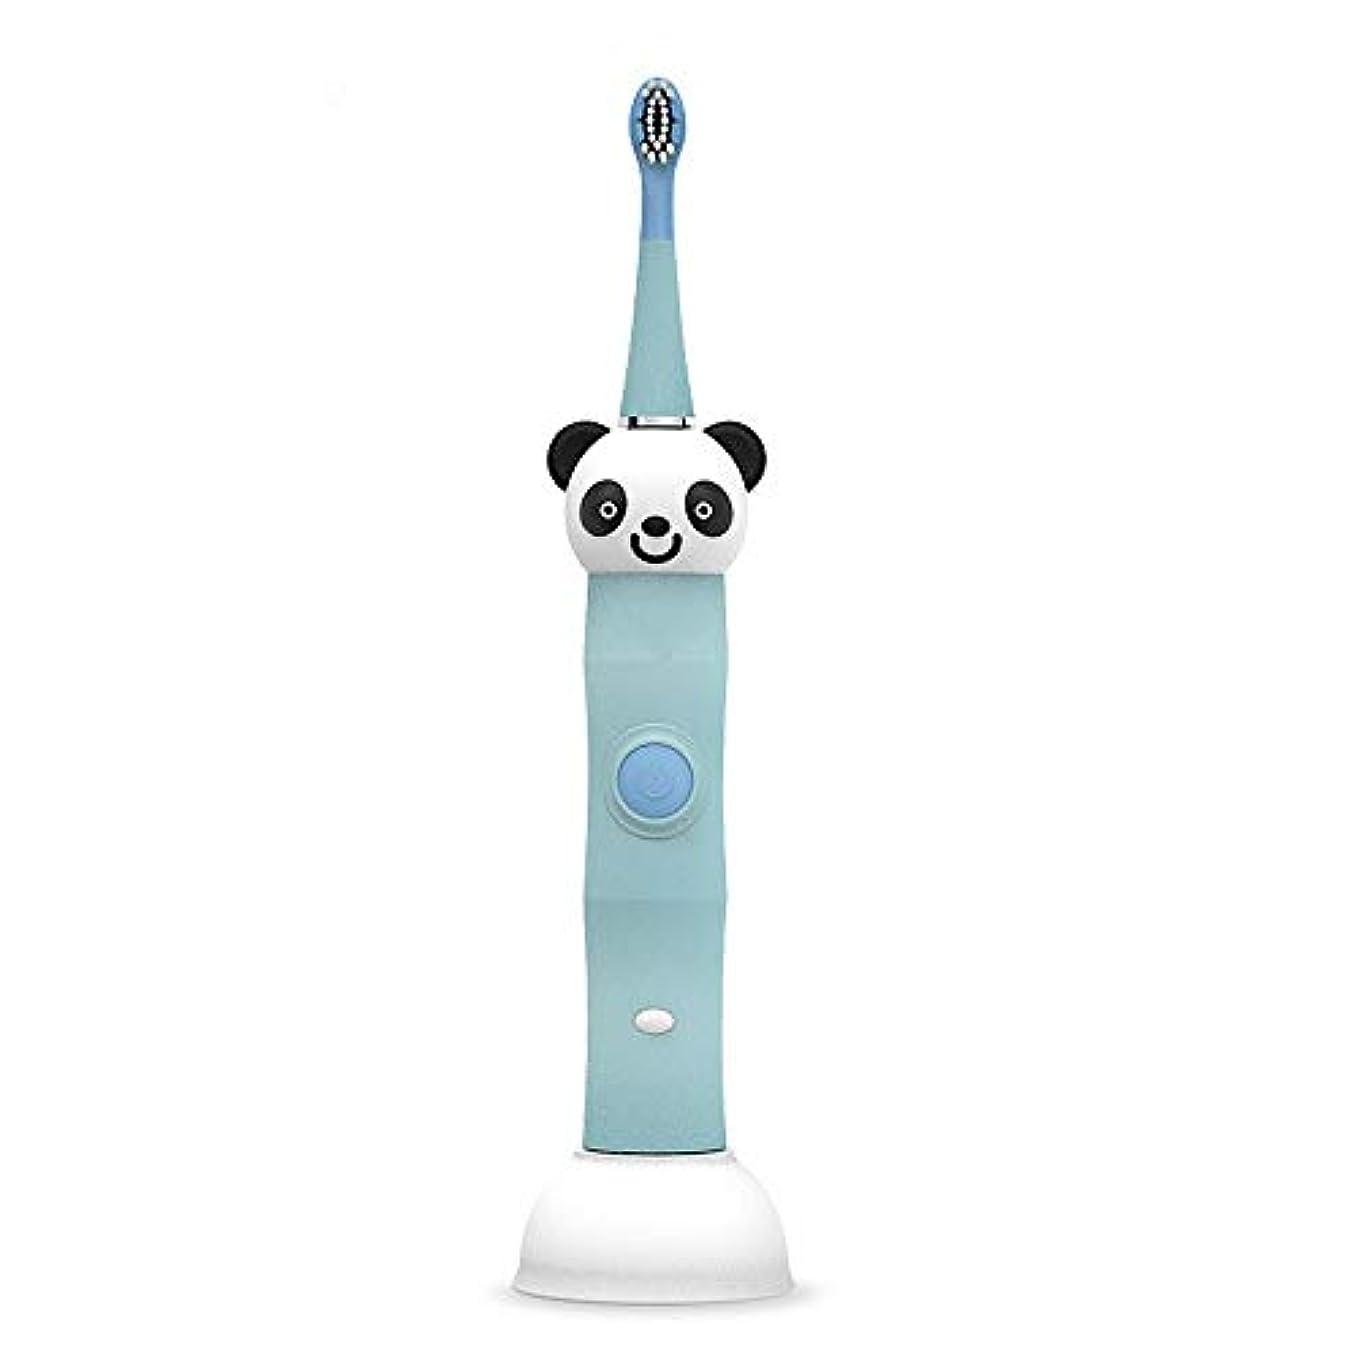 電動歯ブラシ 毎日の使用のためのUSBの充満基盤の柔らかい毛のきれいな歯ブラシと防水子供の電動歯ブラシ 大人と子供向け (色 : 青, サイズ : Free size)